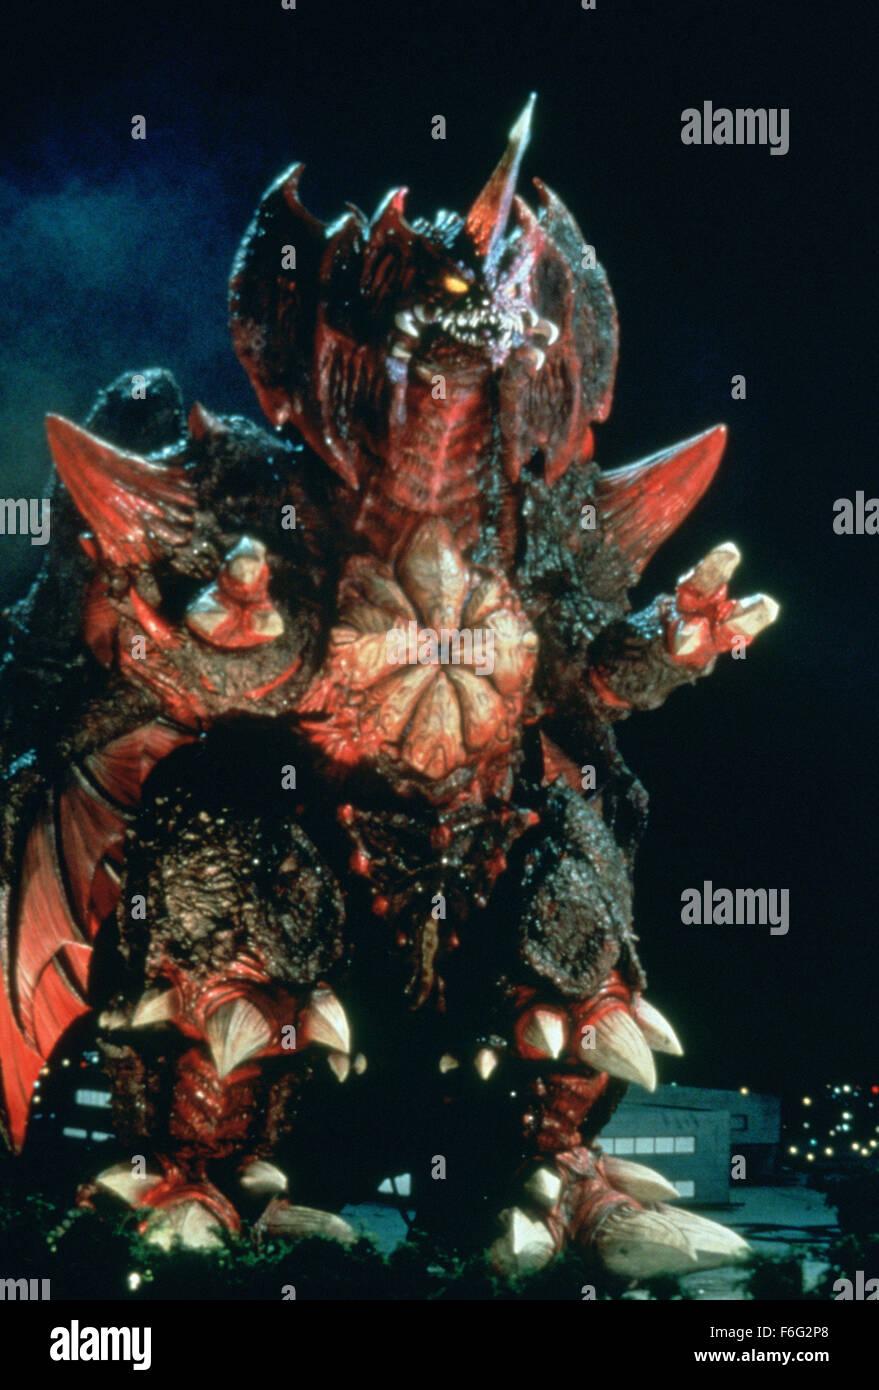 release date dec 09 1995 movie title godzilla vs